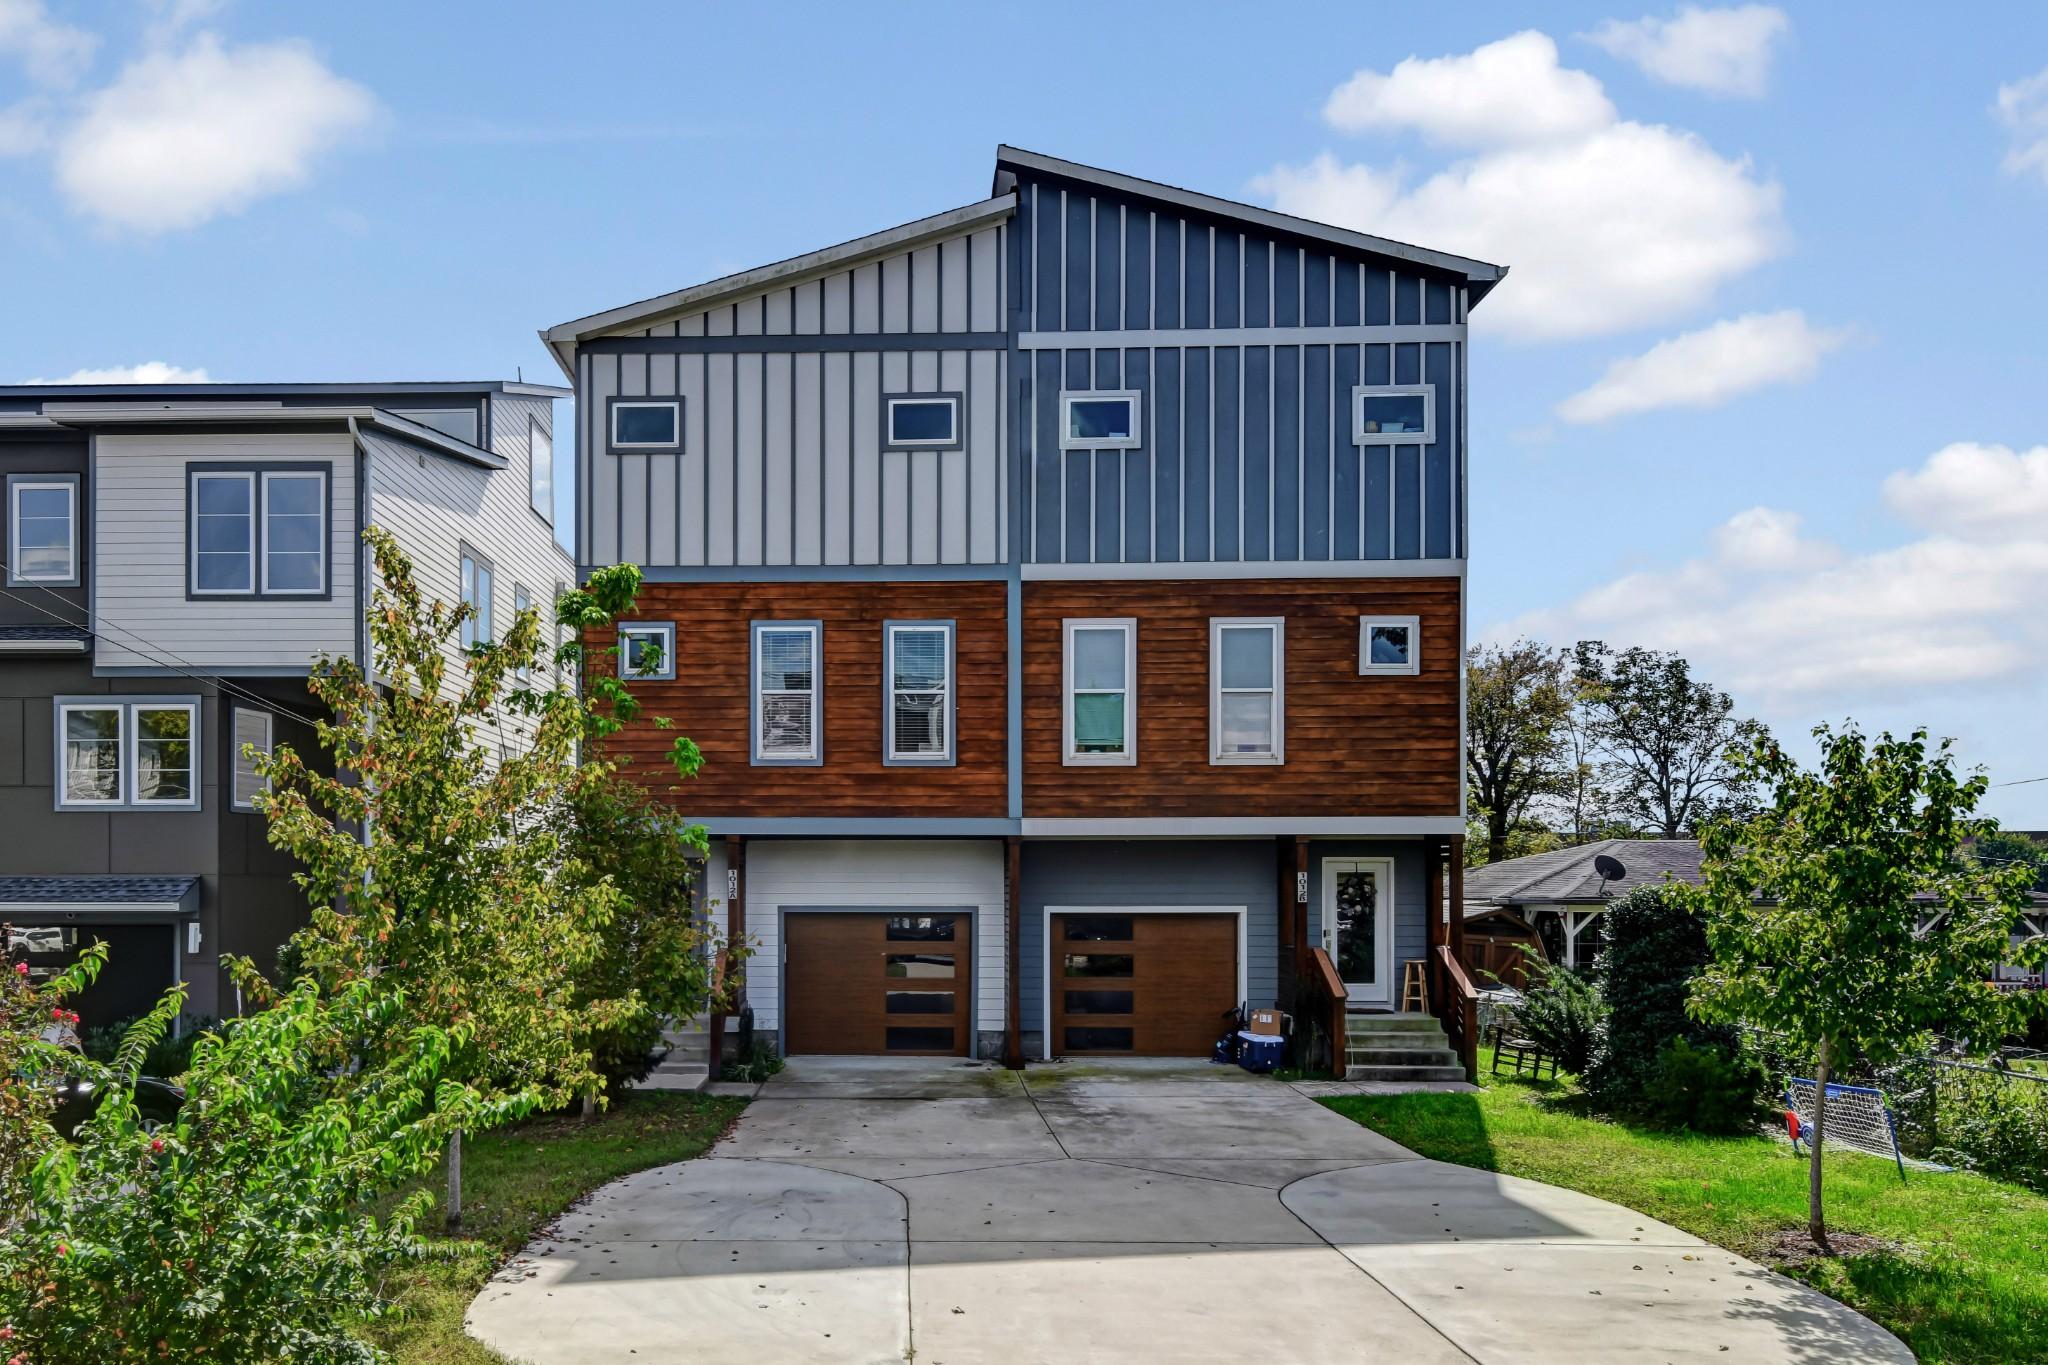 1012 Alice Avenue Real Estate Listings Main Image